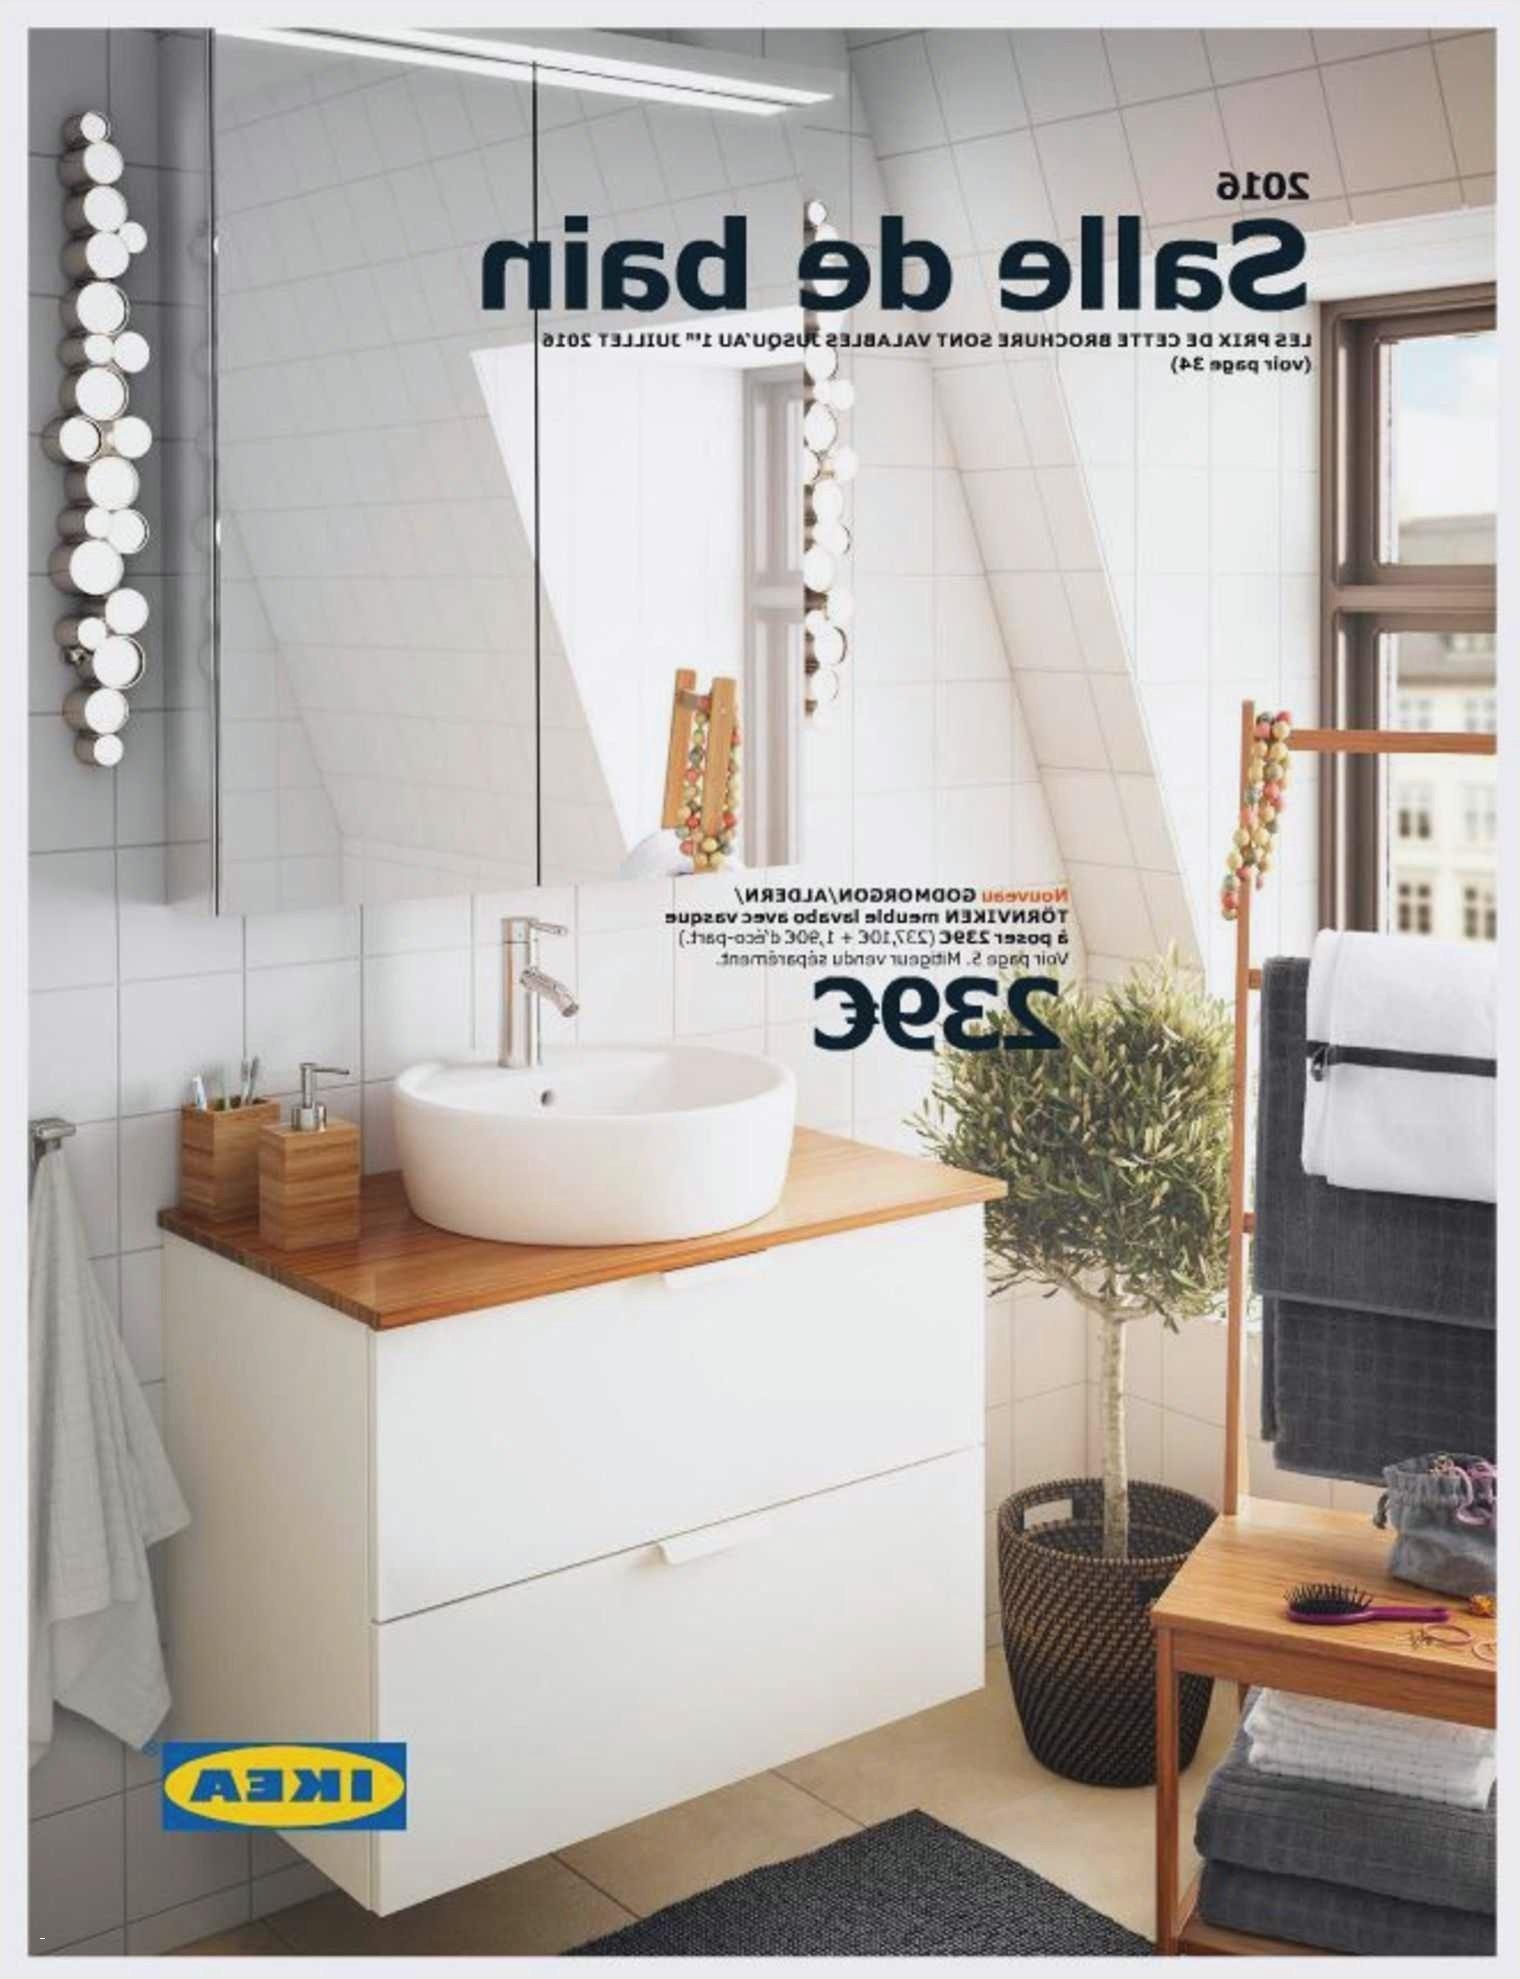 Petite Salle De Bain Ikea Beau Images Plafonnier Salle De Bain Ikea Nouveau Rénovation Petite Salle De